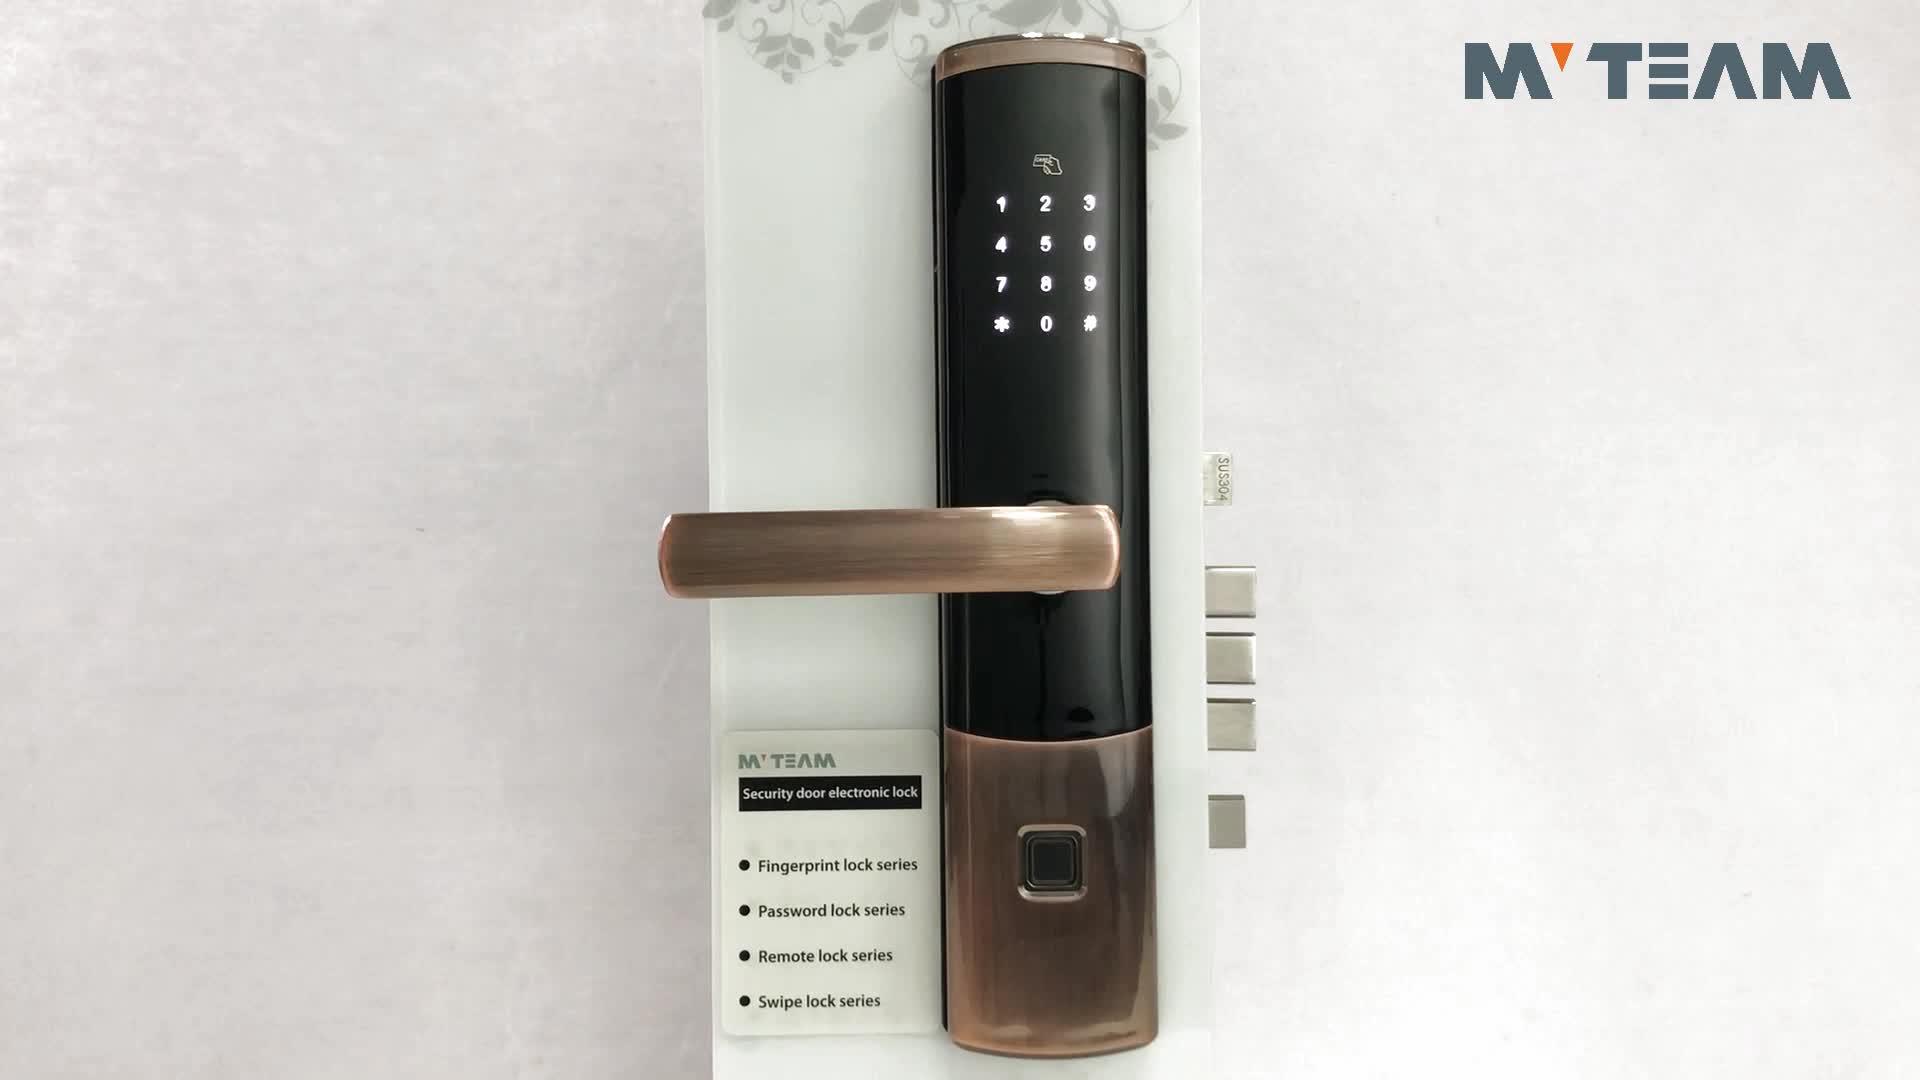 High Security Door Lock Fingerprint Intelligent WiFi Remote Control Bluetooth Door Lock With APP